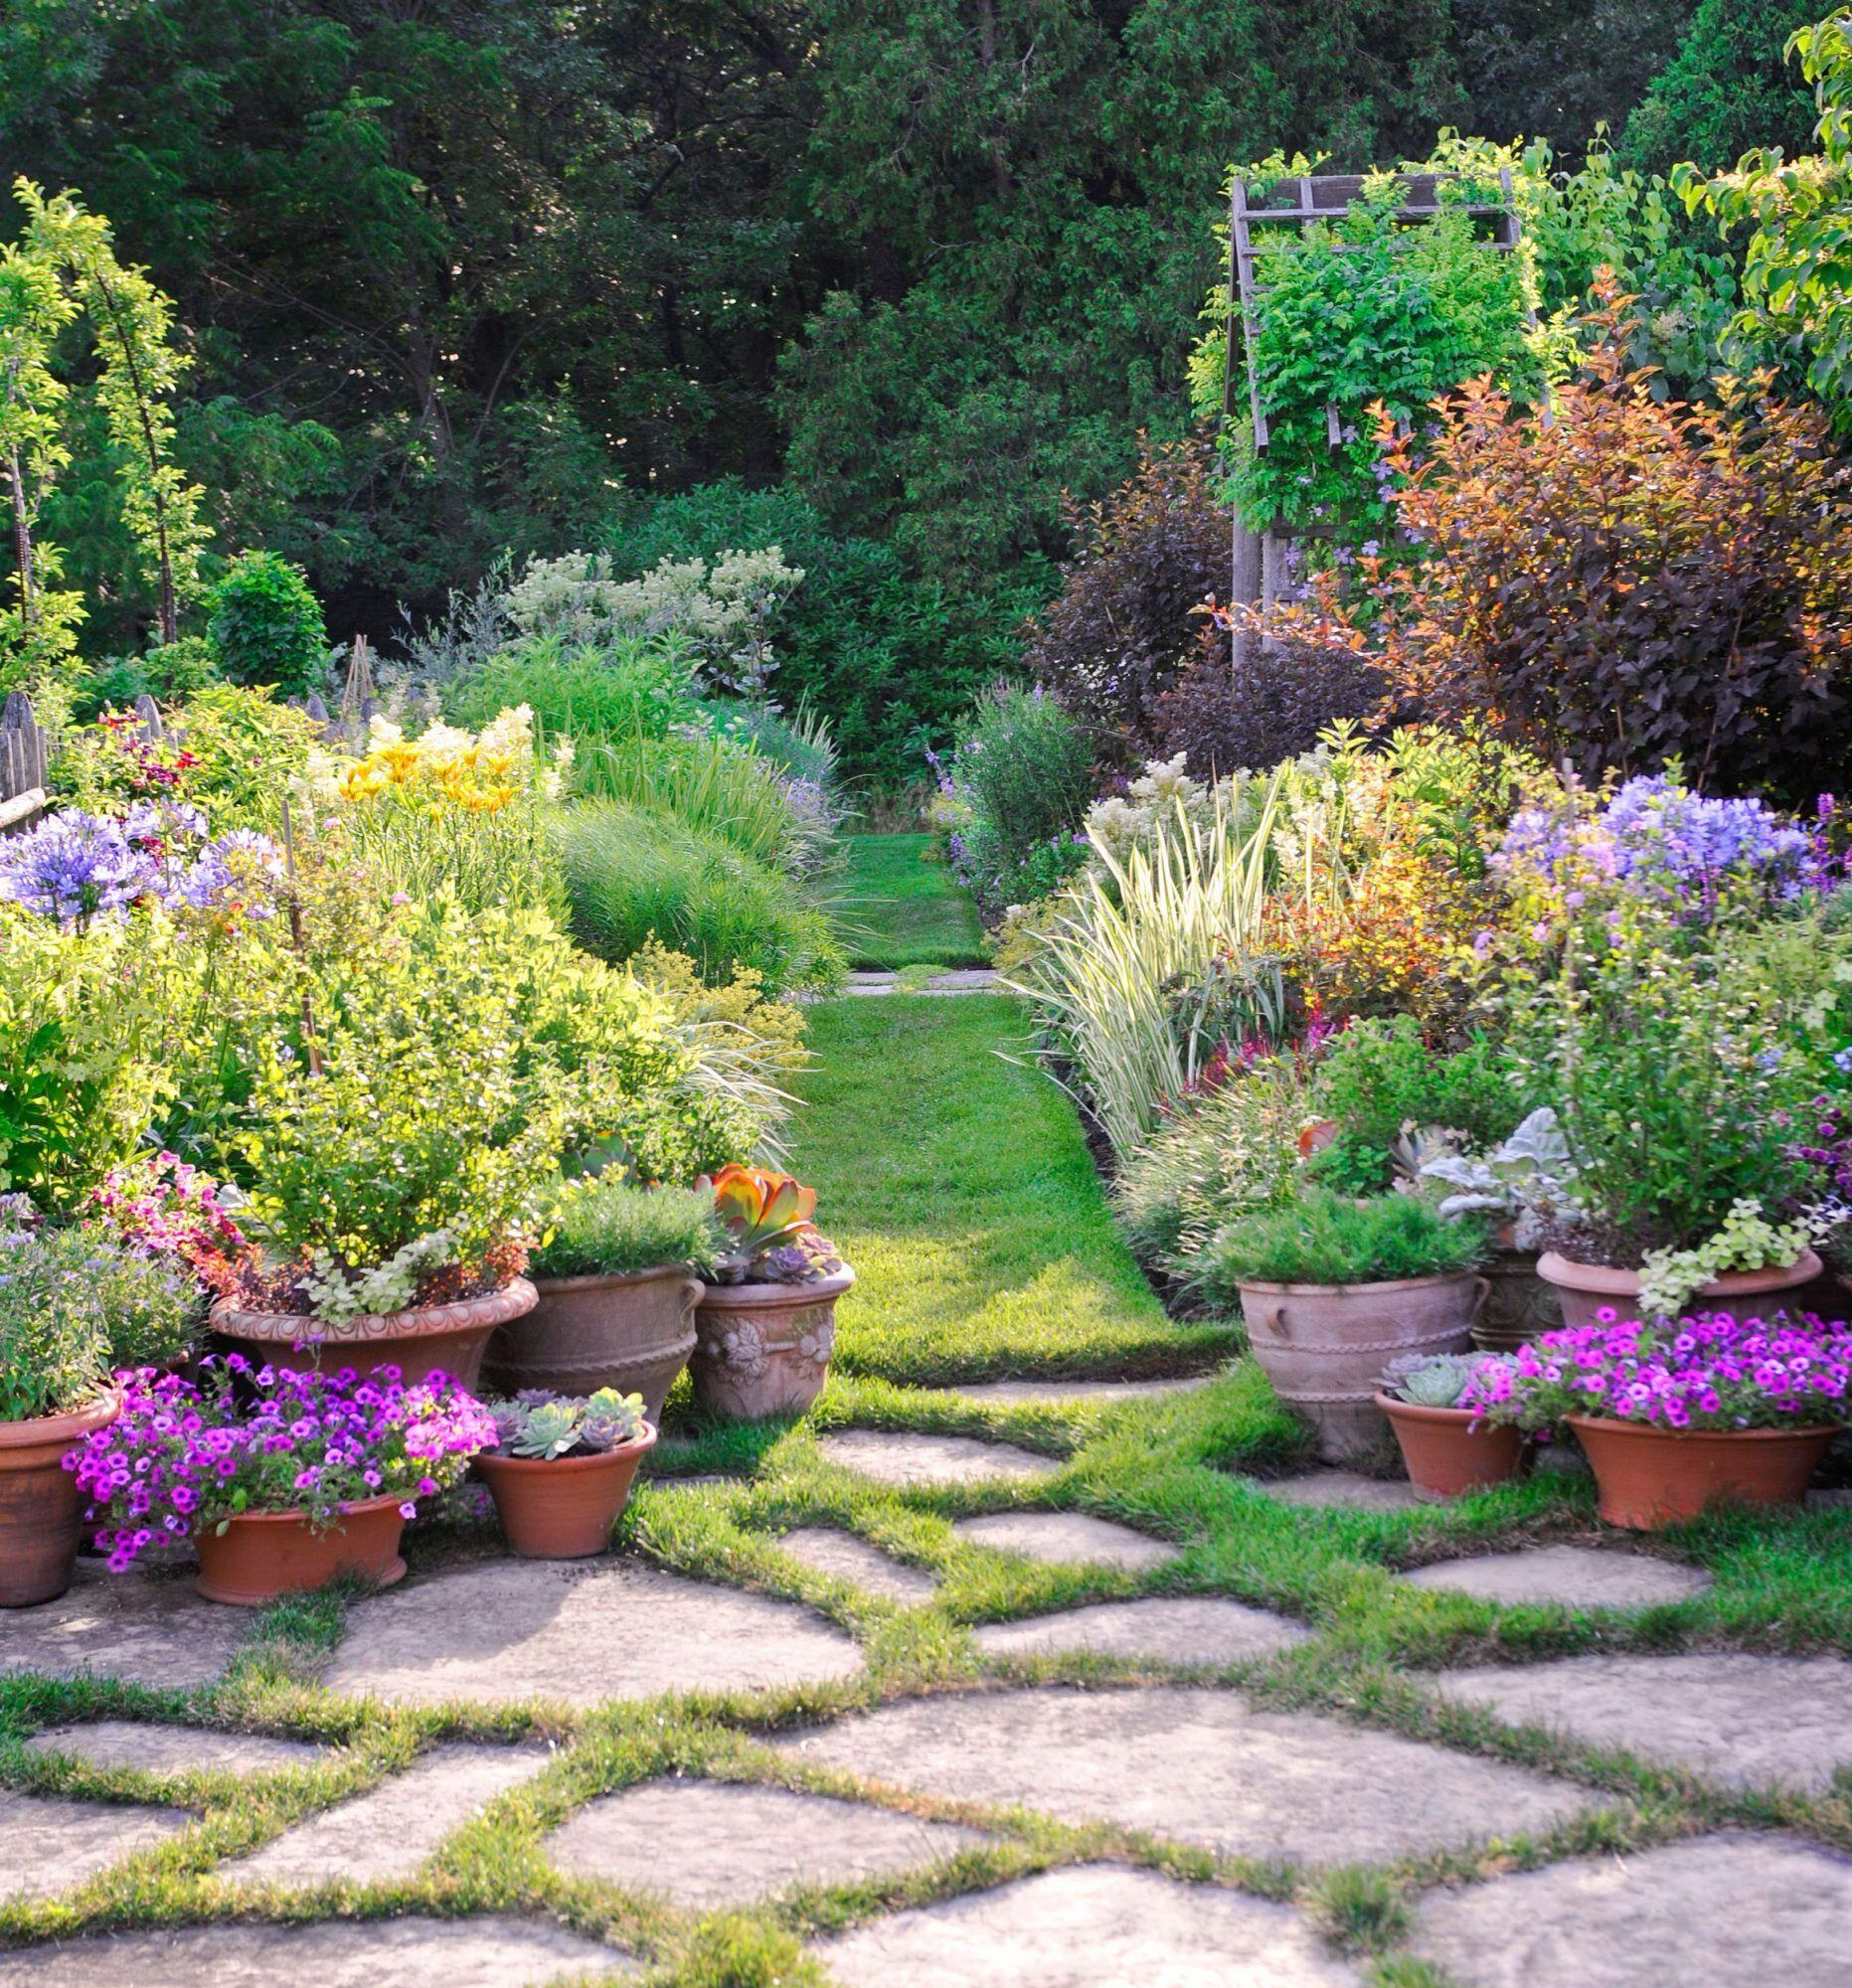 pin on garden ideas garden design on beautiful backyard garden design ideas and remodel create your extraordinary garden id=44735